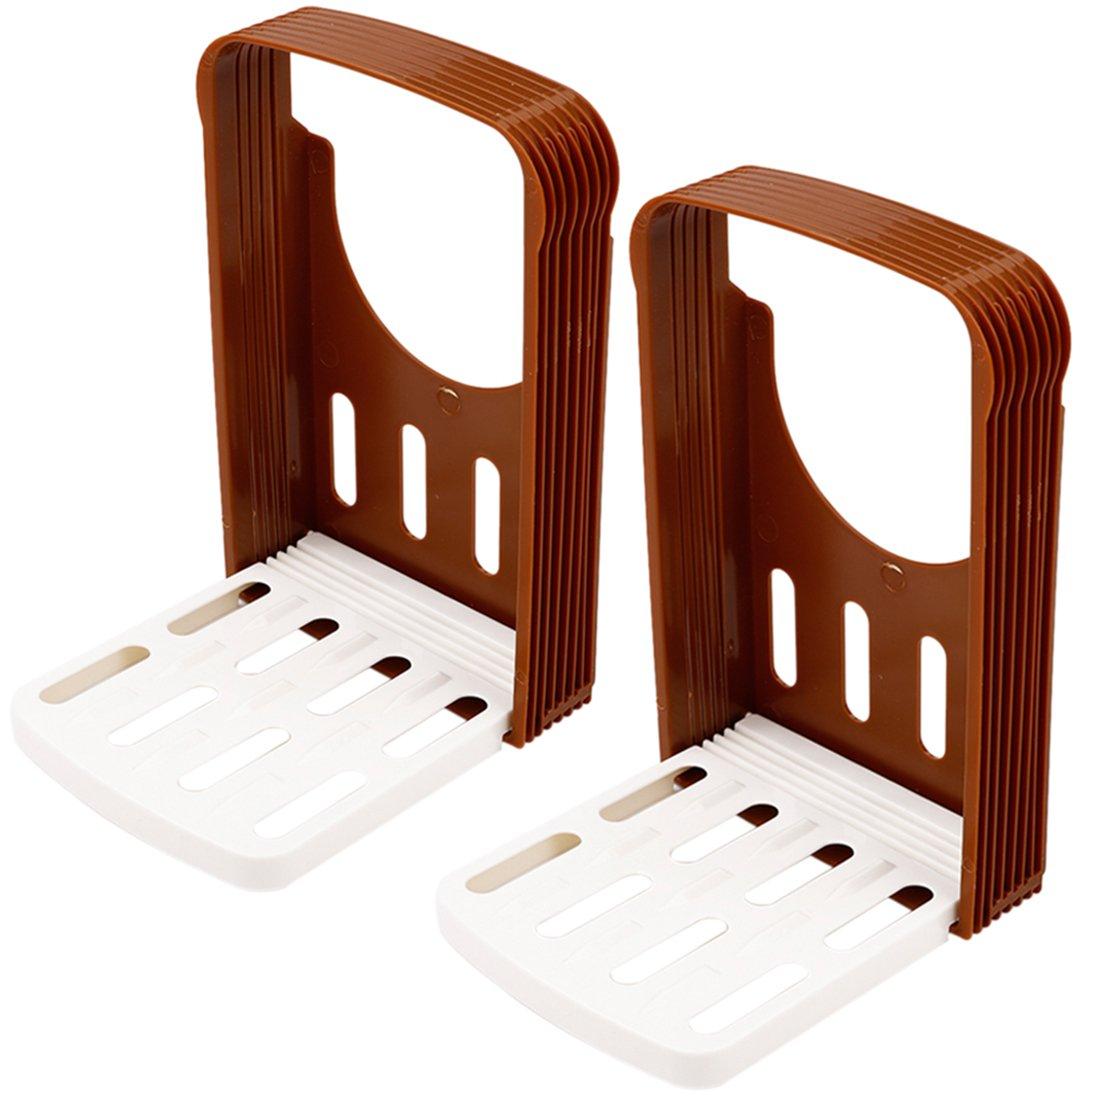 Tosnail 2 Pack Foldable Bread Slicer Loaf Cutter for Bagel/Sandwich/Toast Make